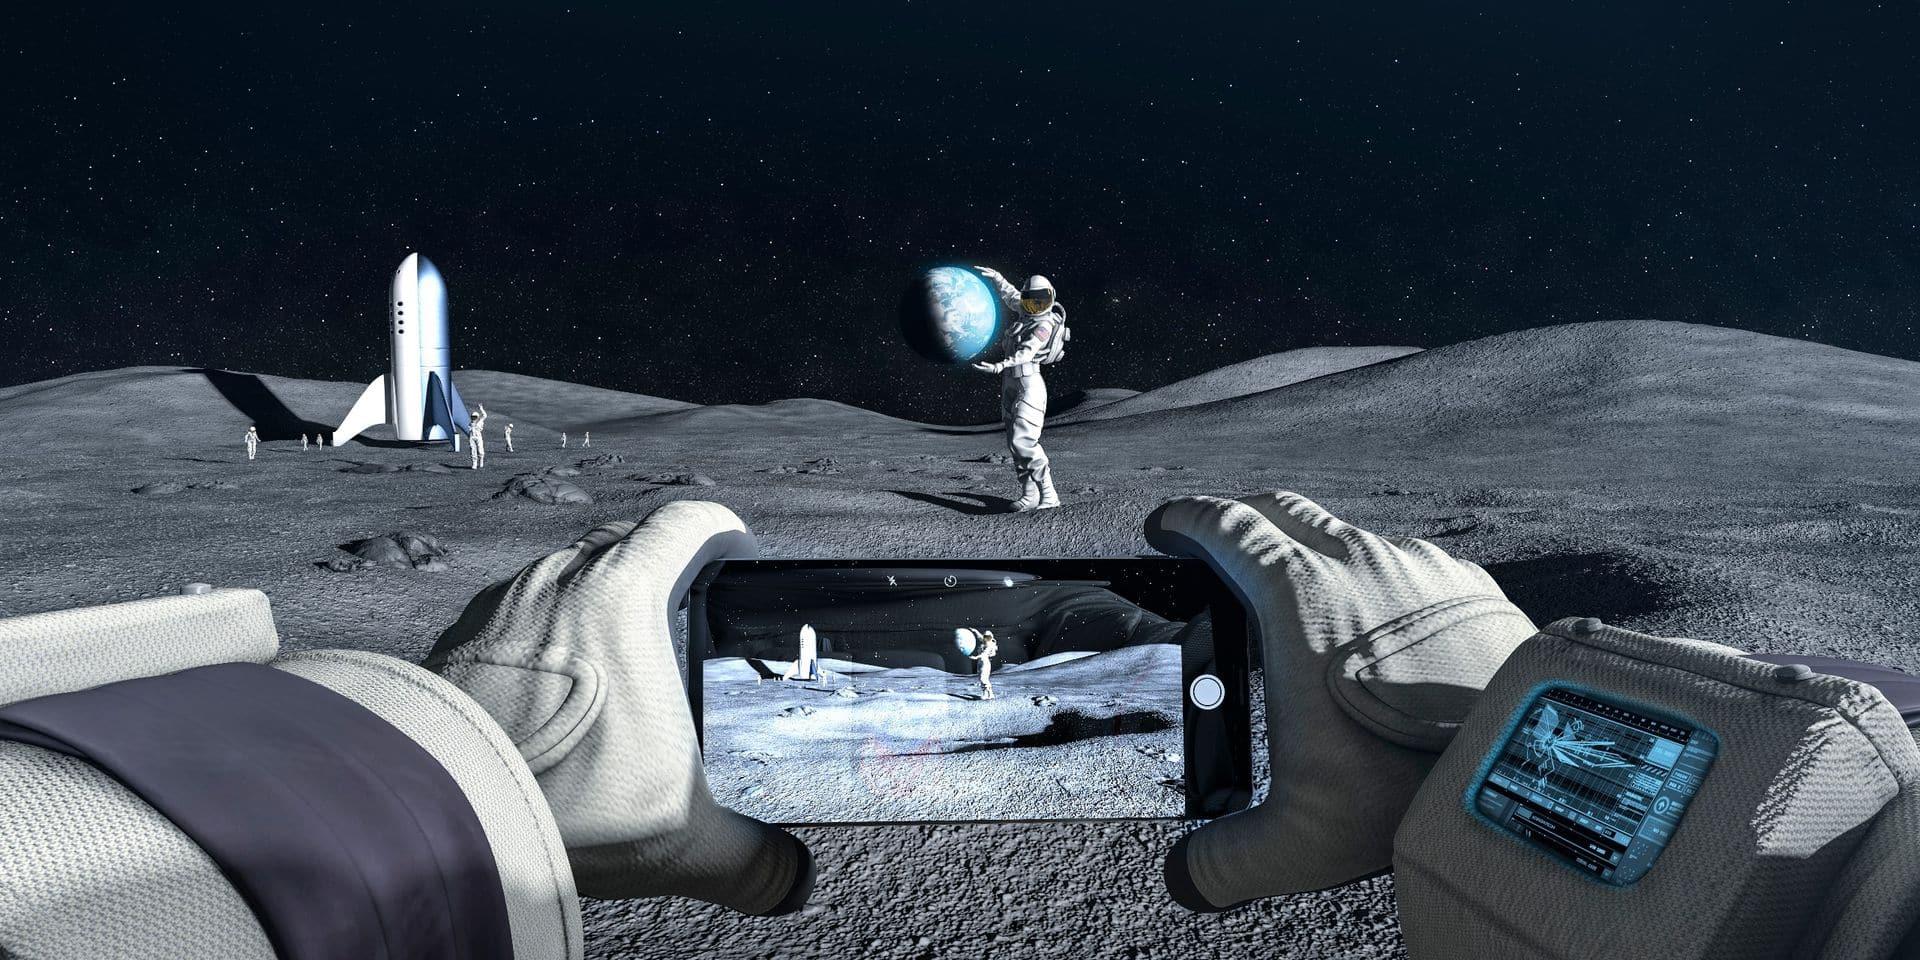 SpaceX : de premiers touristes dans l'espace à la fin de l'année